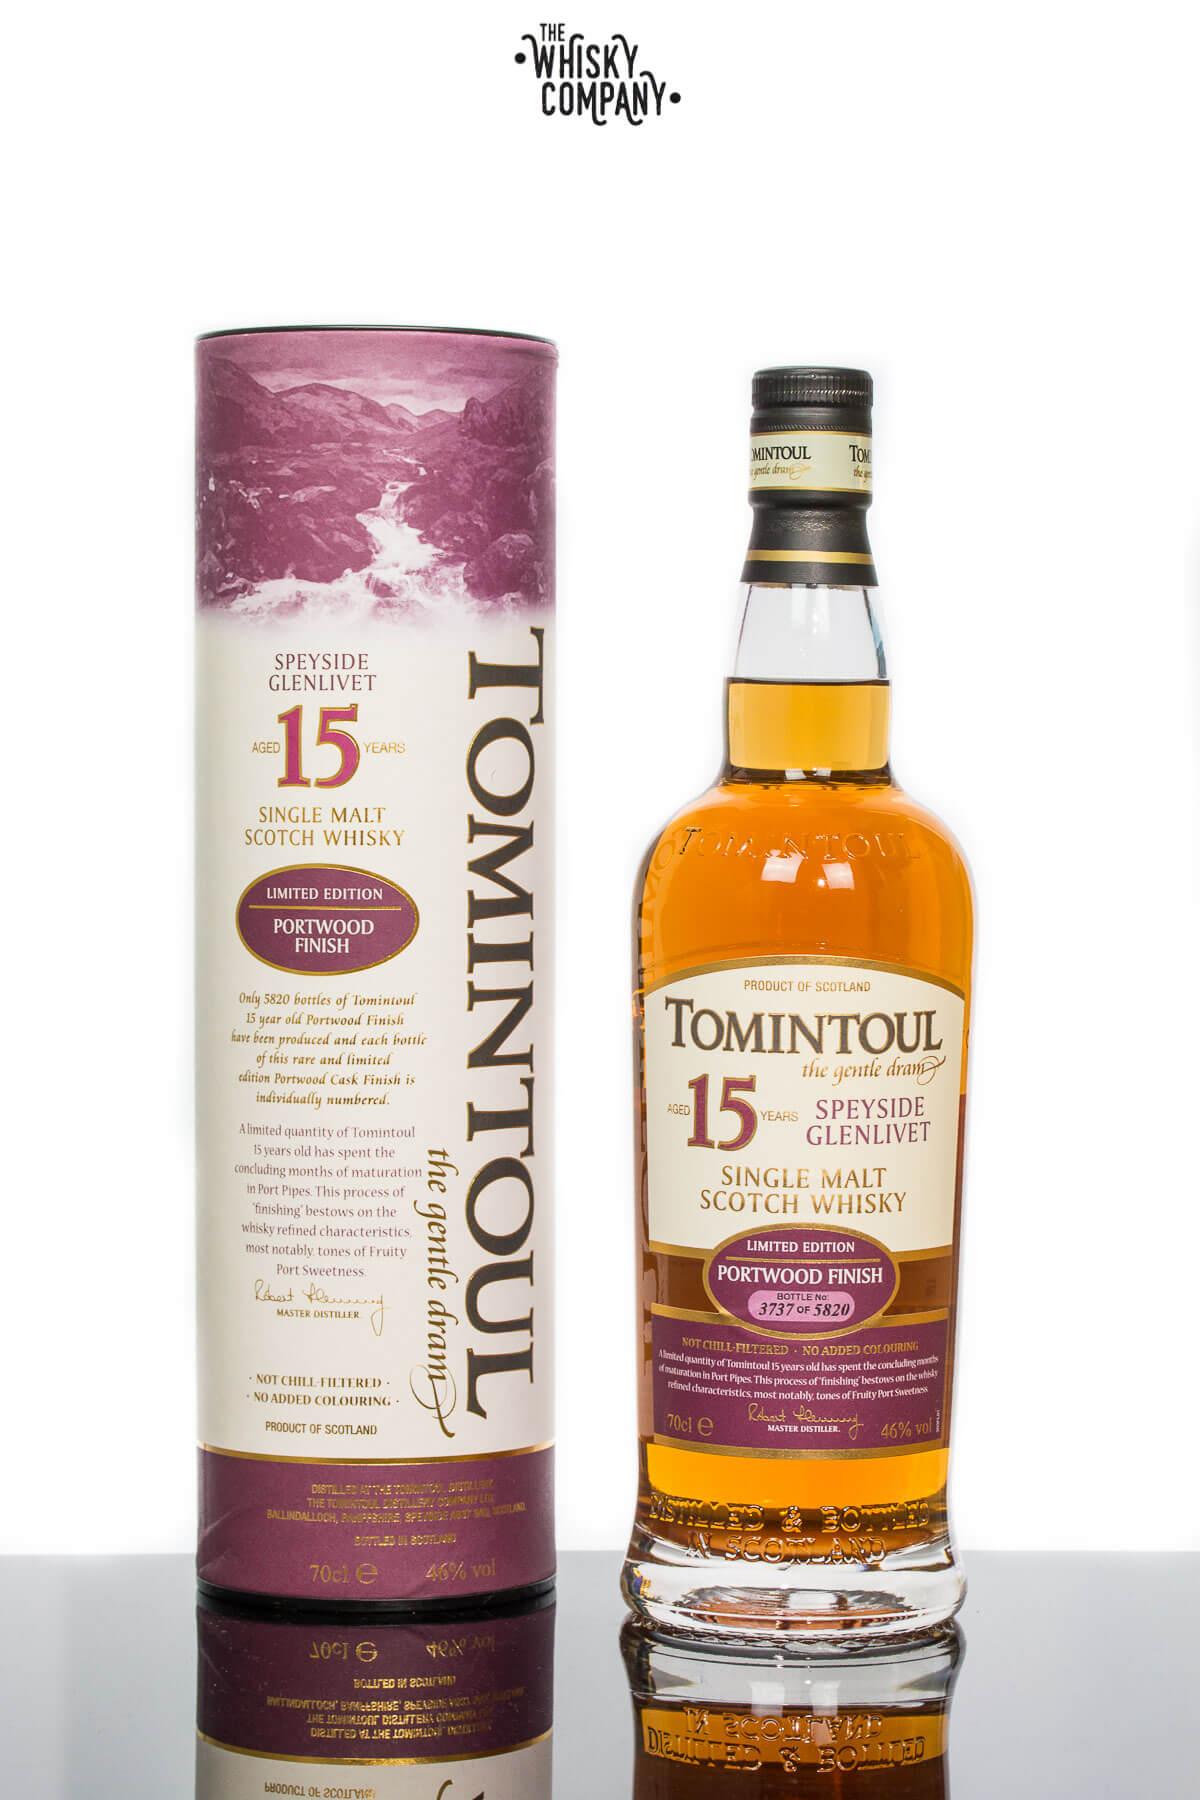 Tomintoul Aged 15 Years Portwood Finish Speyside Single Malt Scotch Whisky (700ml)